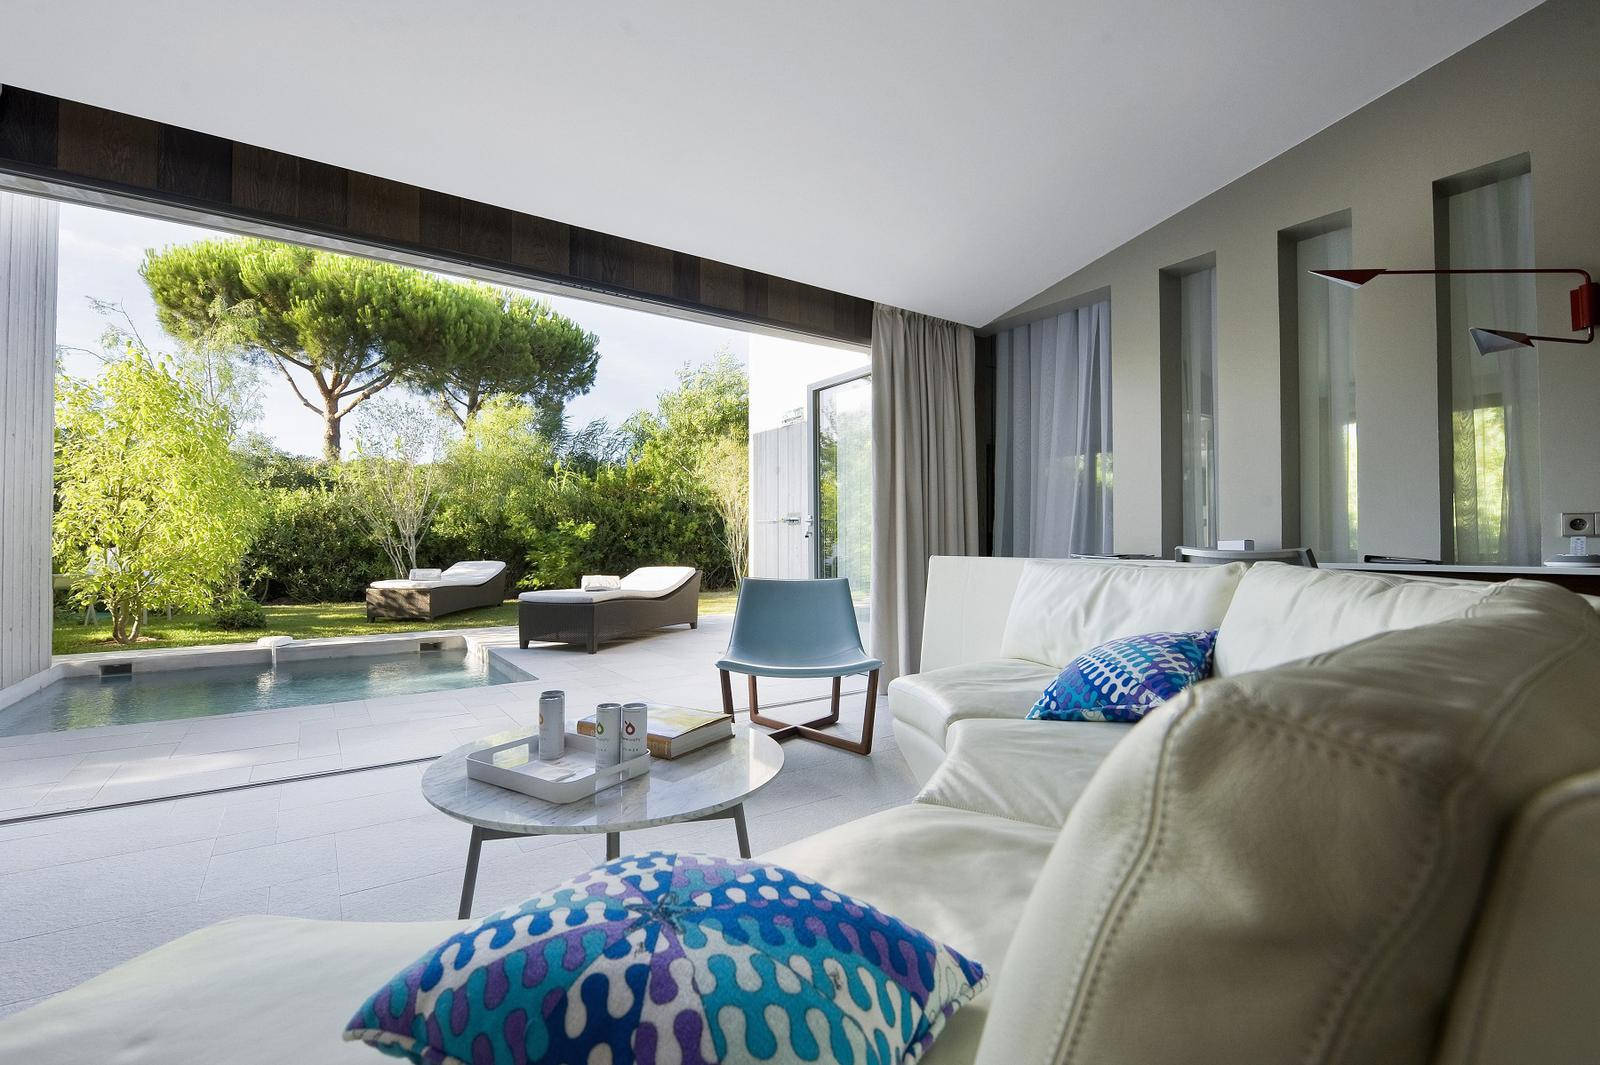 6 Superbes Hôtels Avec Piscine Privée Dans Votre Chambre En ... avec Hotel Piscine Privée France